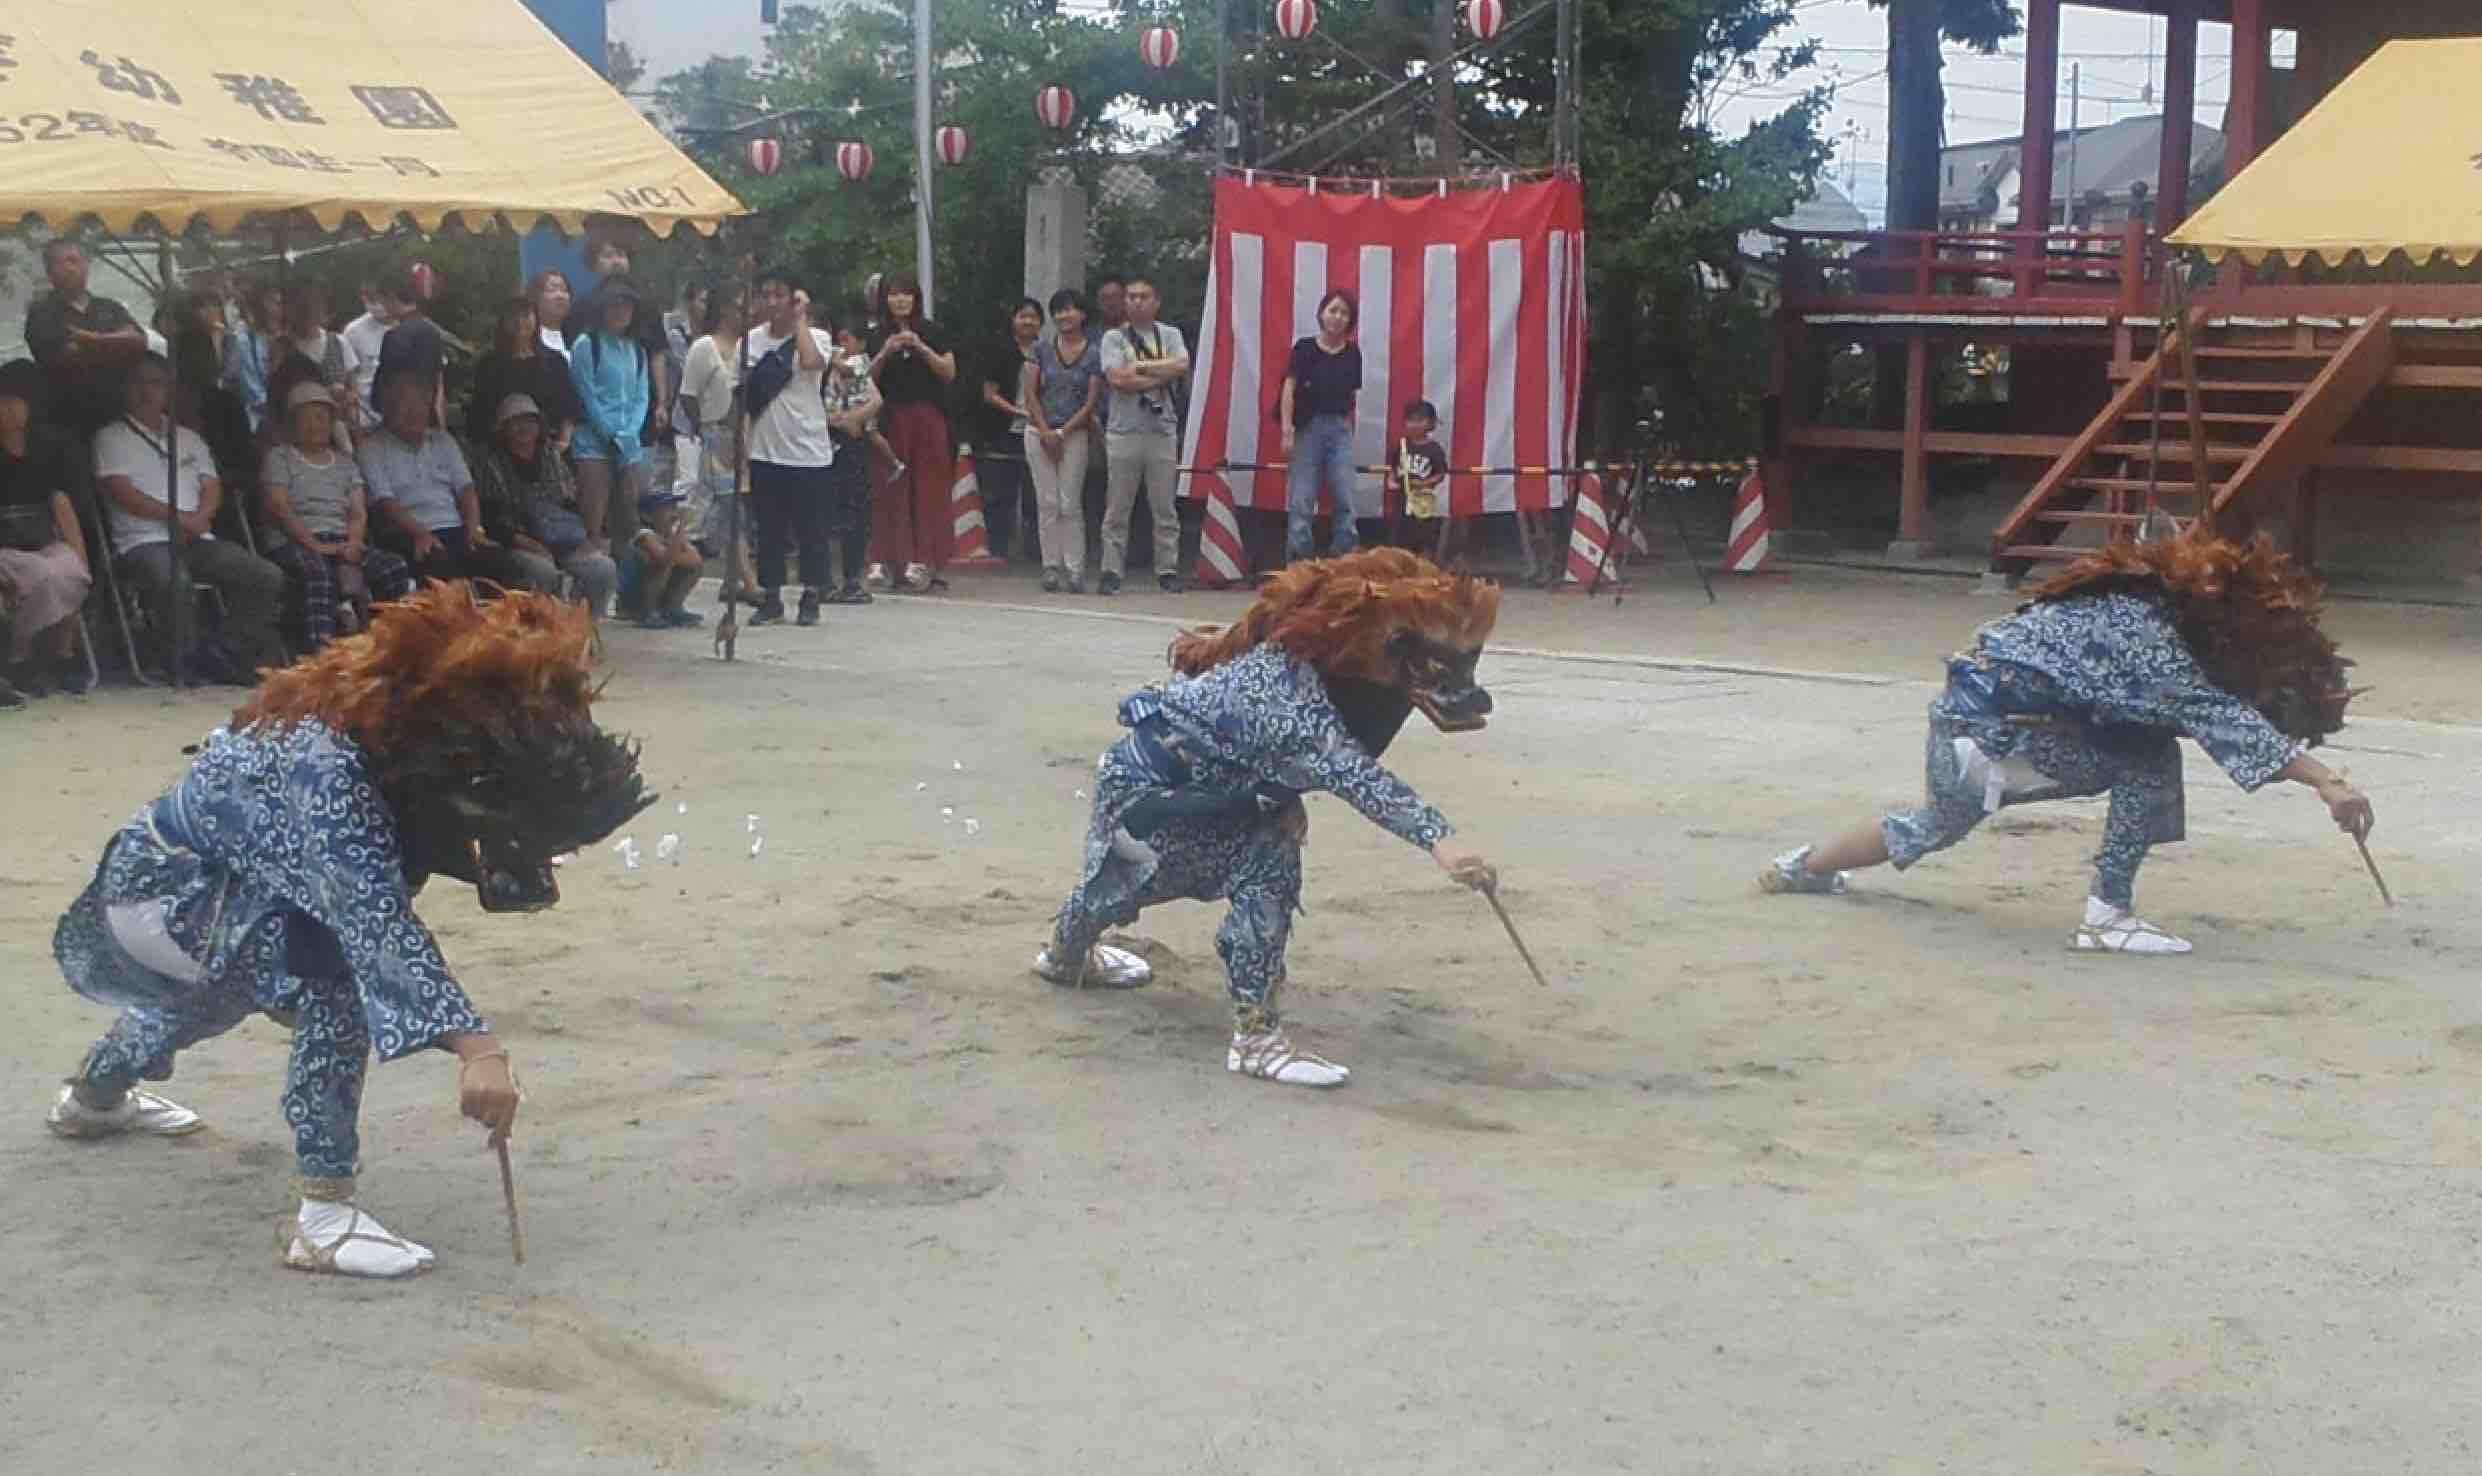 泉地区市民体育祭、小名浜諏訪神社夏祭の棒ささら_e0068696_748251.jpg